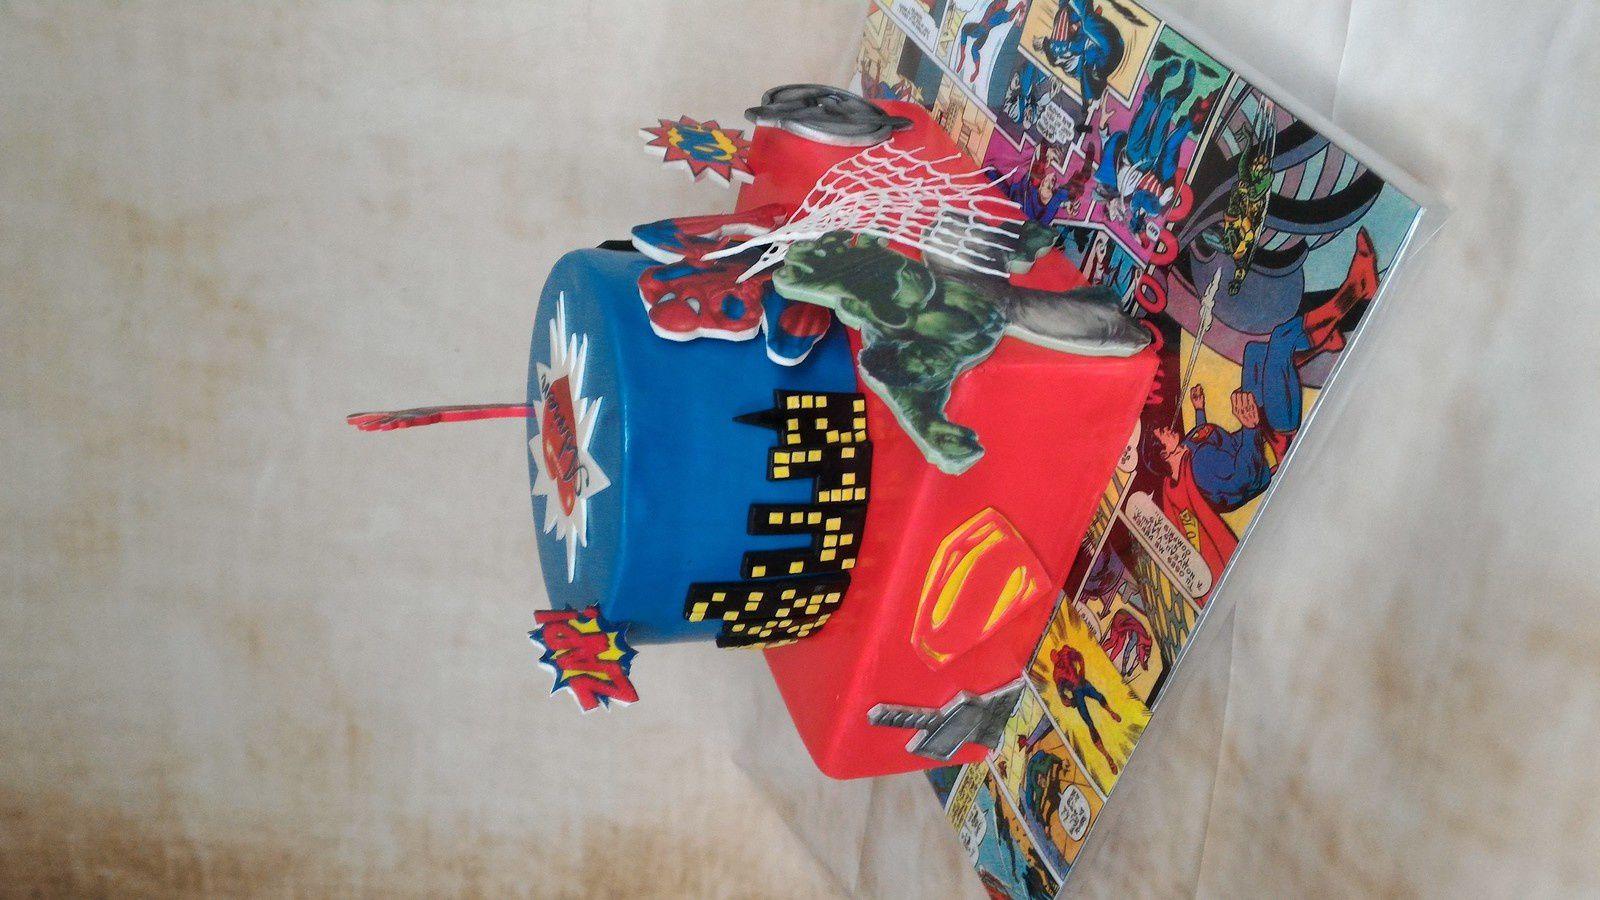 GATEAU AVENGERS-SUPER HEROS-COMICS